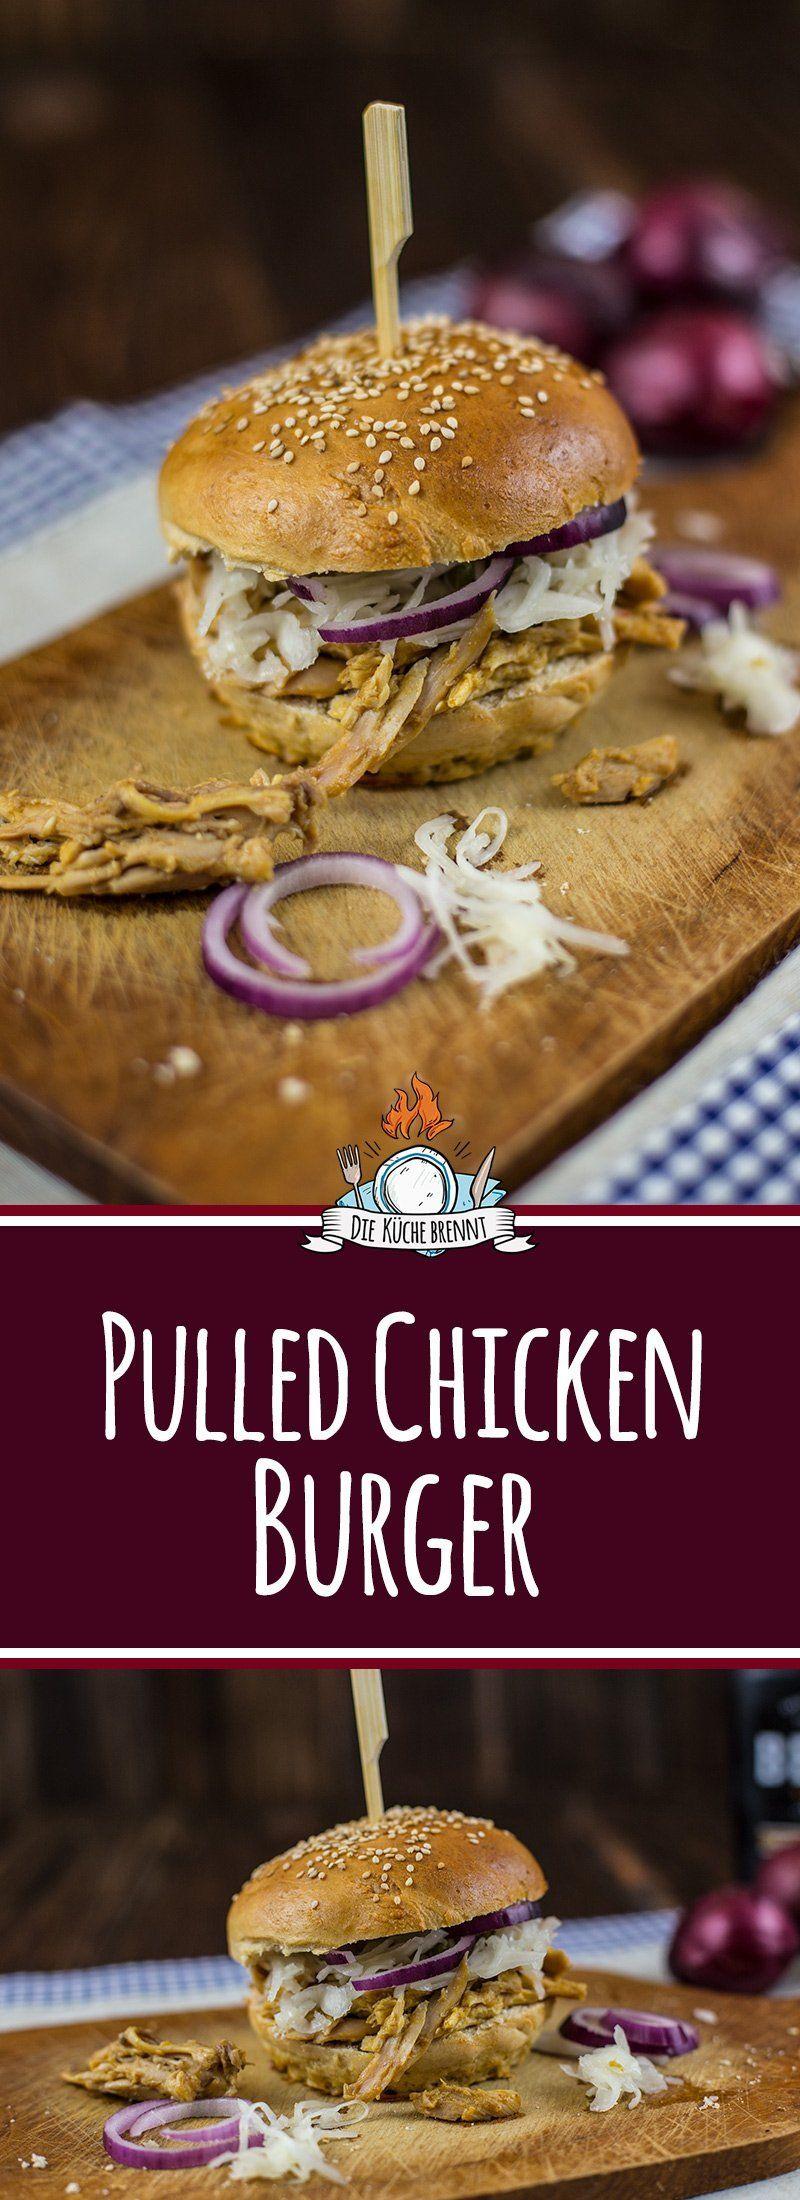 Pulled Chicken Burger Rezept mit Krautsalat | Rezept ...